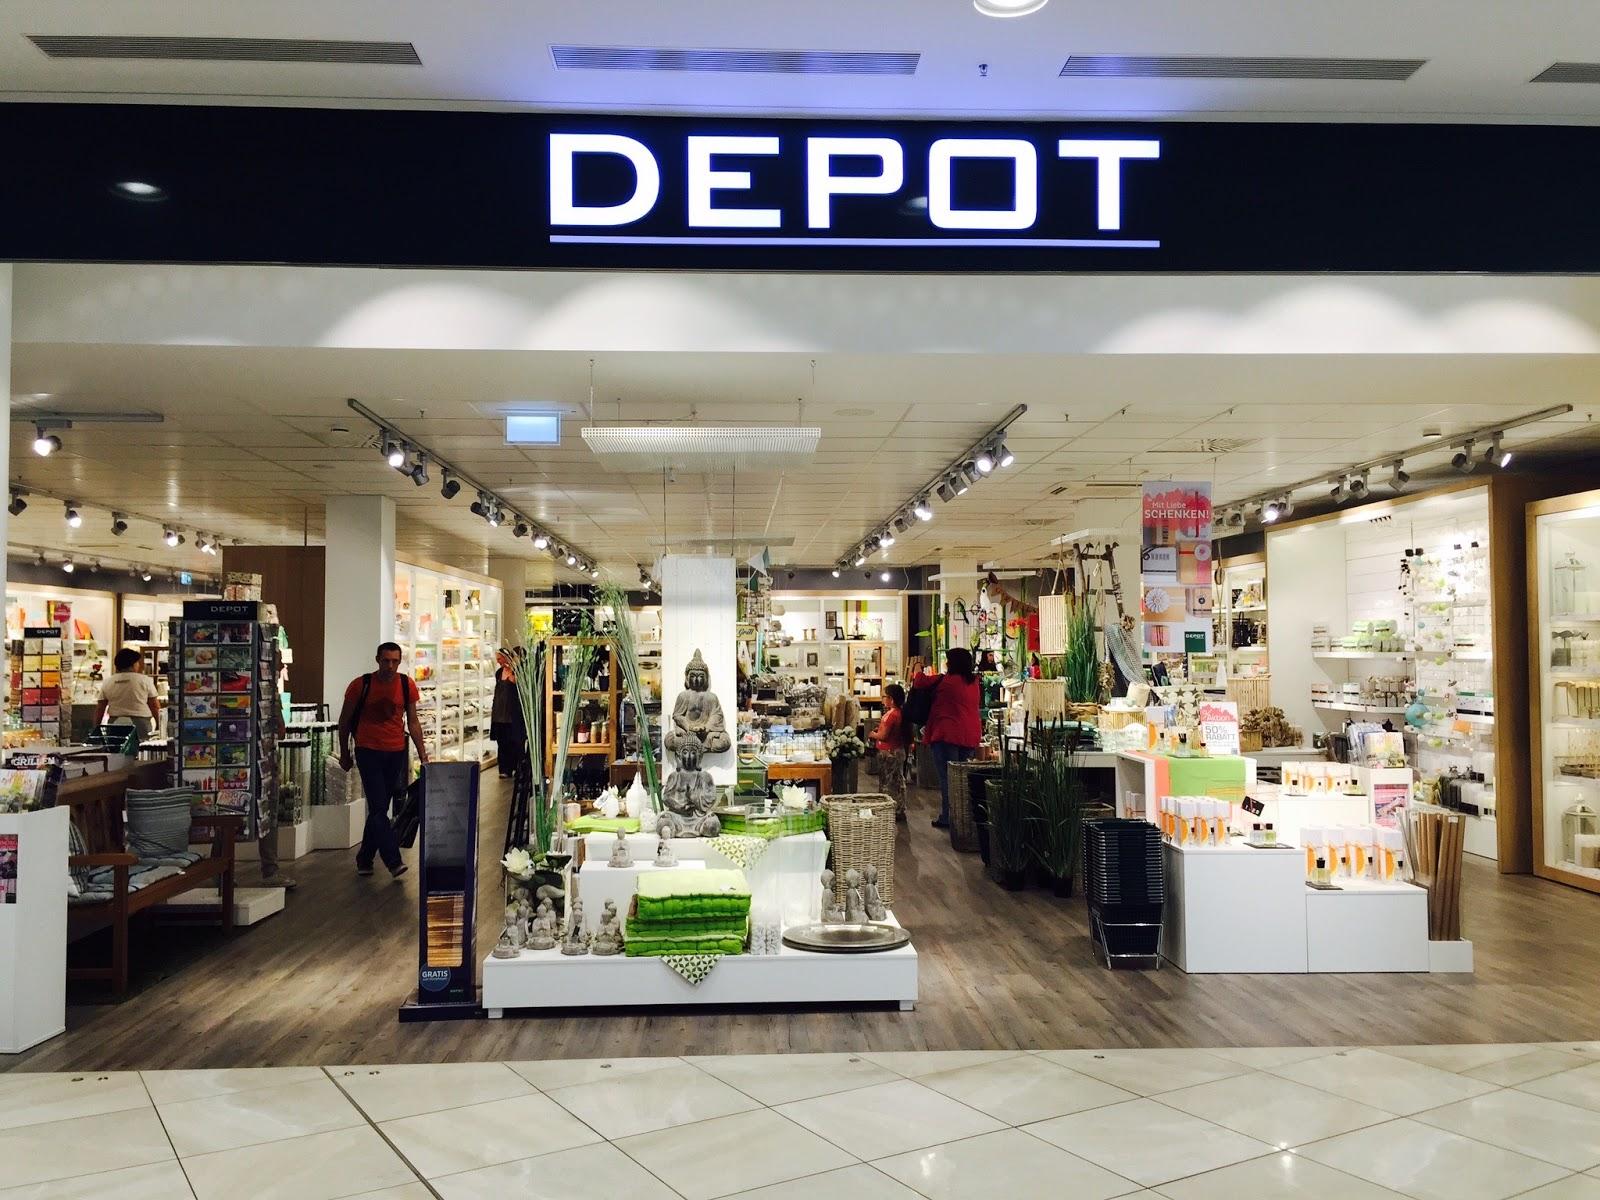 Aprikosengelb Depot M Bel Wohnaccessoires Und Deko